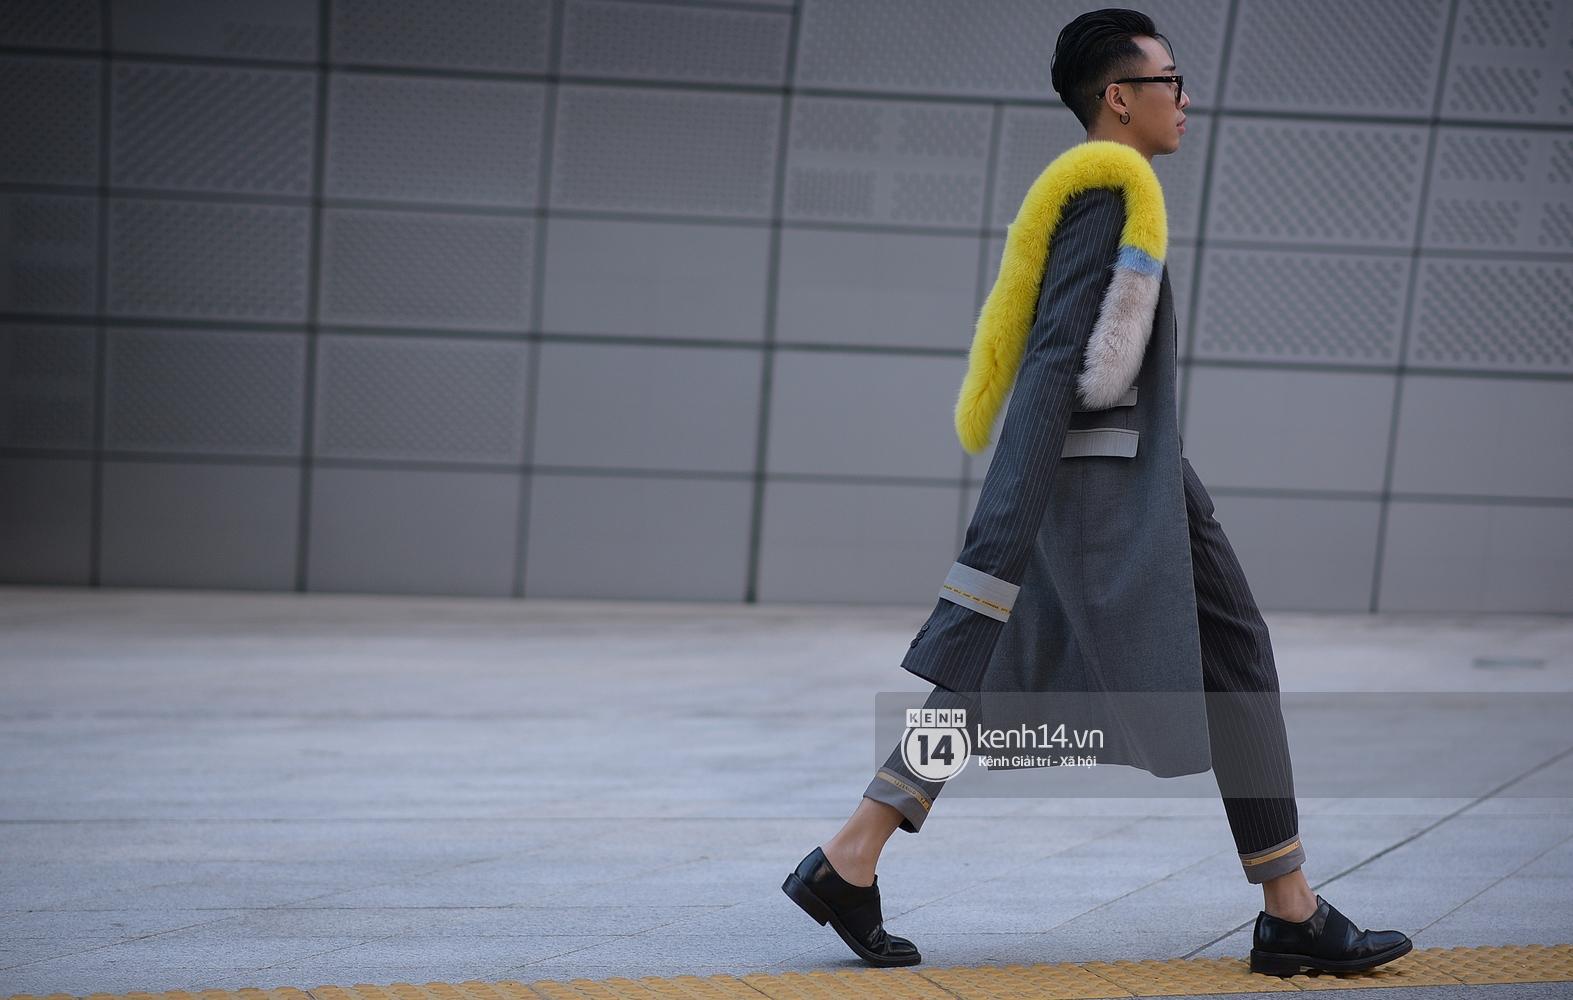 Hoàng Ku, Châu Bùi, Min xuất hiện cực nét cùng fashionista Hàn tại Tuần lễ thời trang ngày 3 - Ảnh 20.